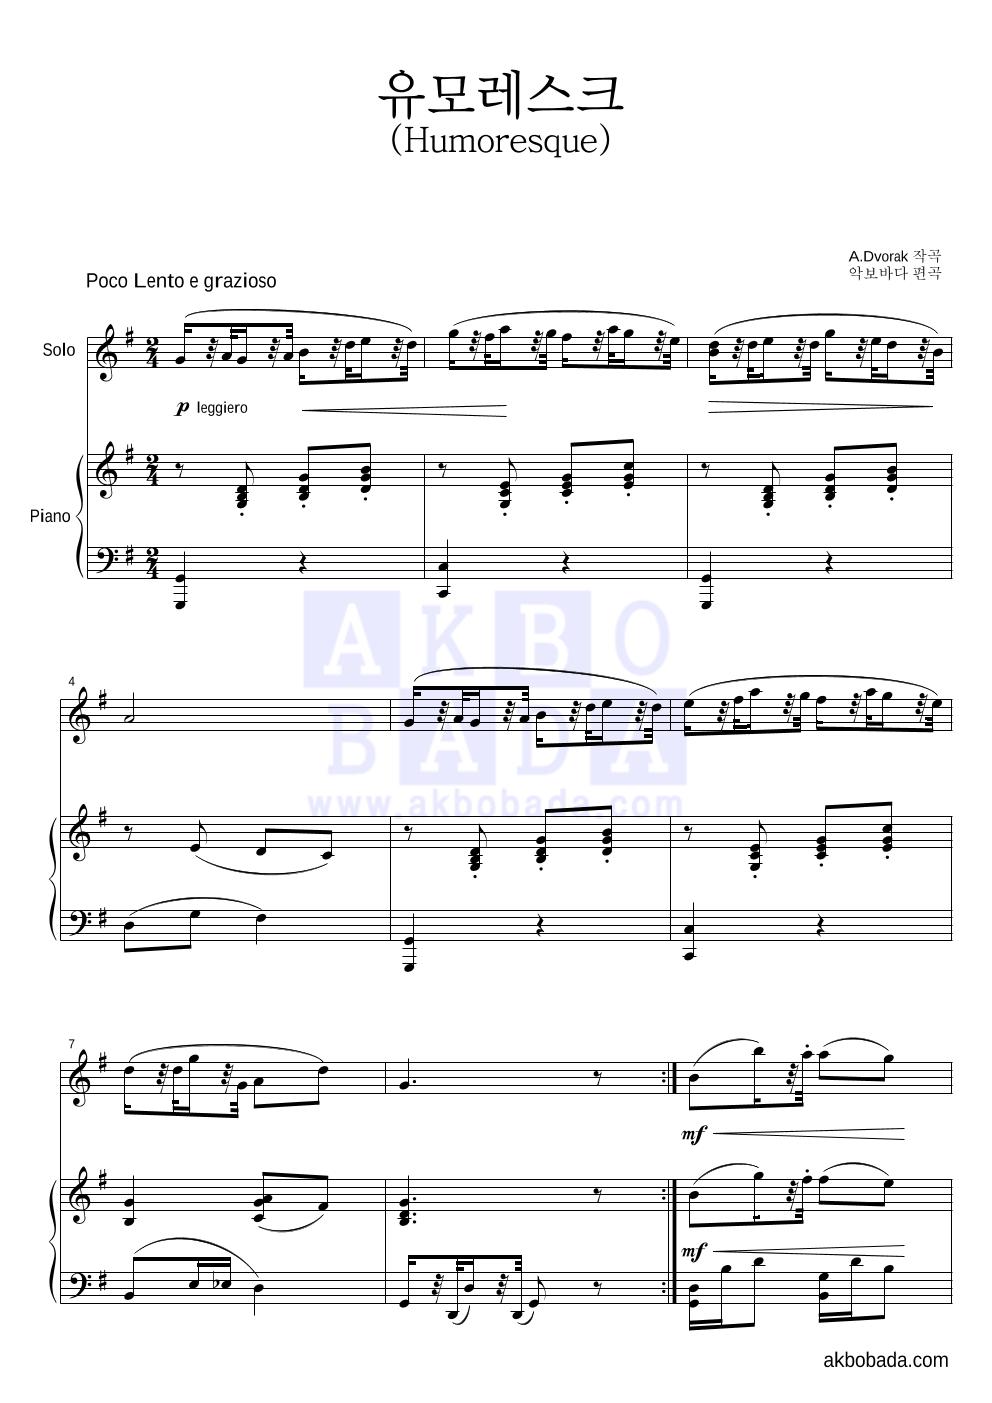 드보르작 - 유모레스크 Solo&피아노 악보